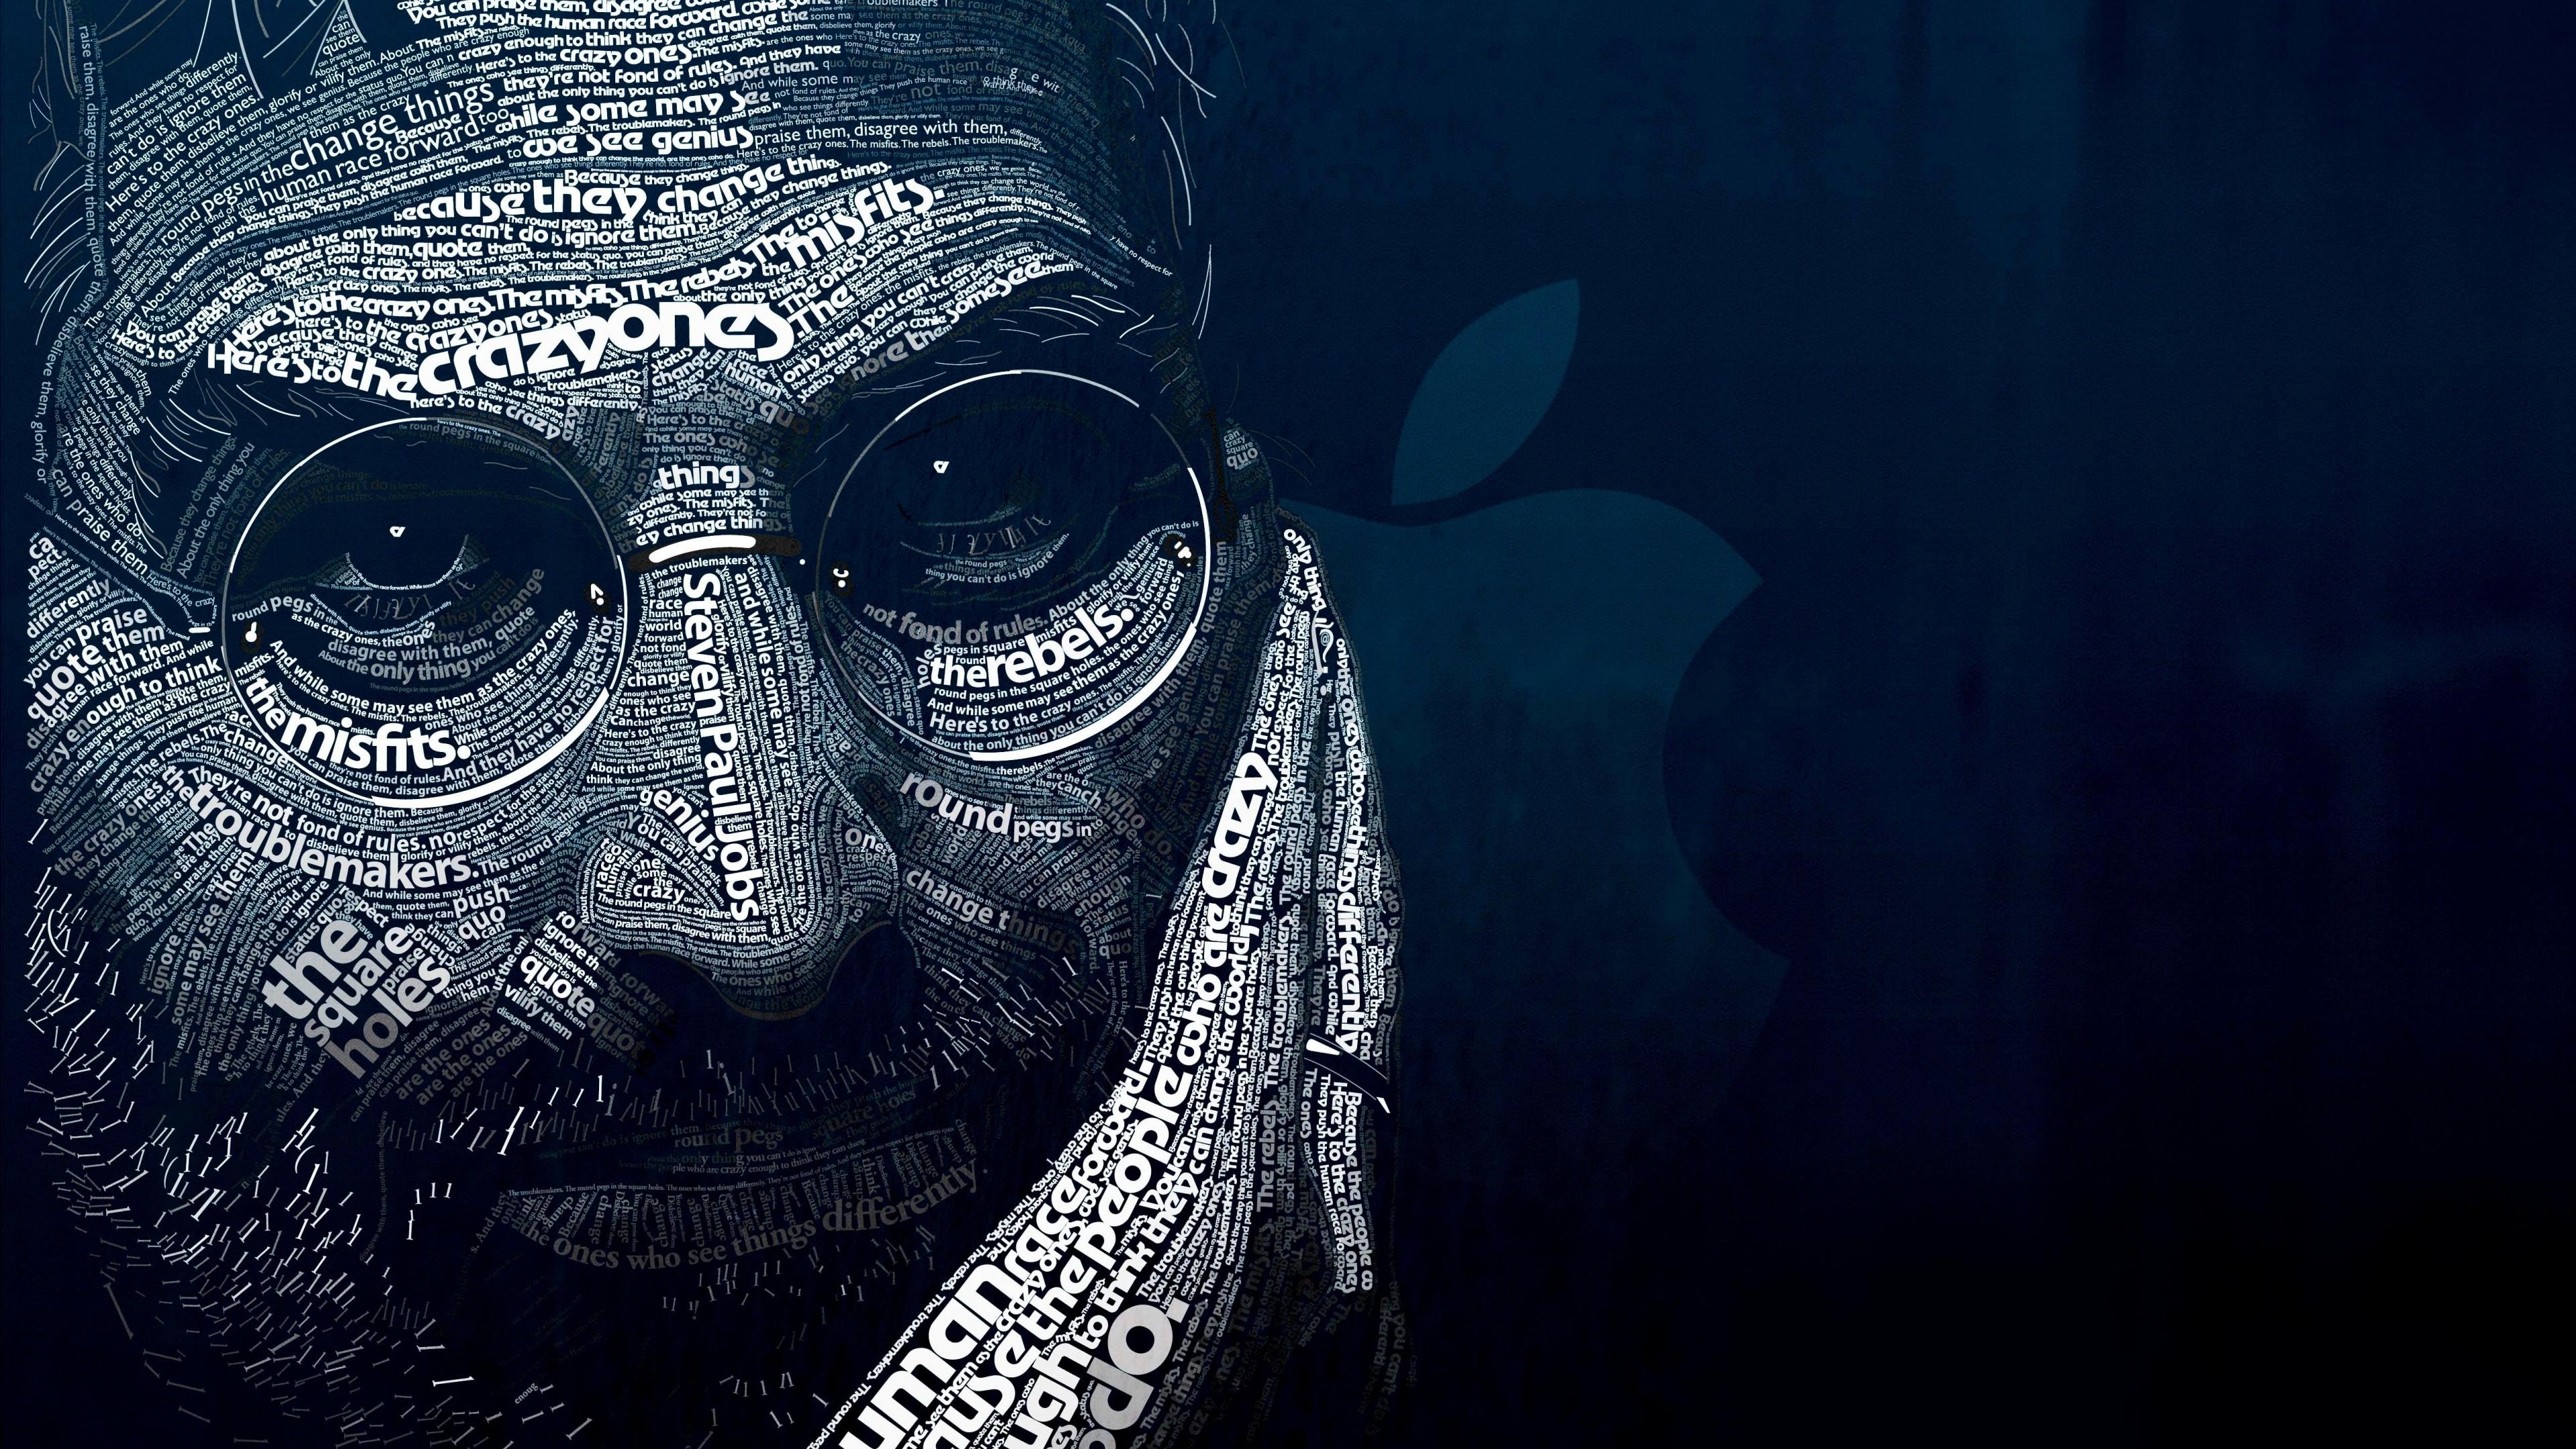 Steve Jobs Typographic Portrait Wallpaper for Desktop 4K 3840 x 2160 3840x2160